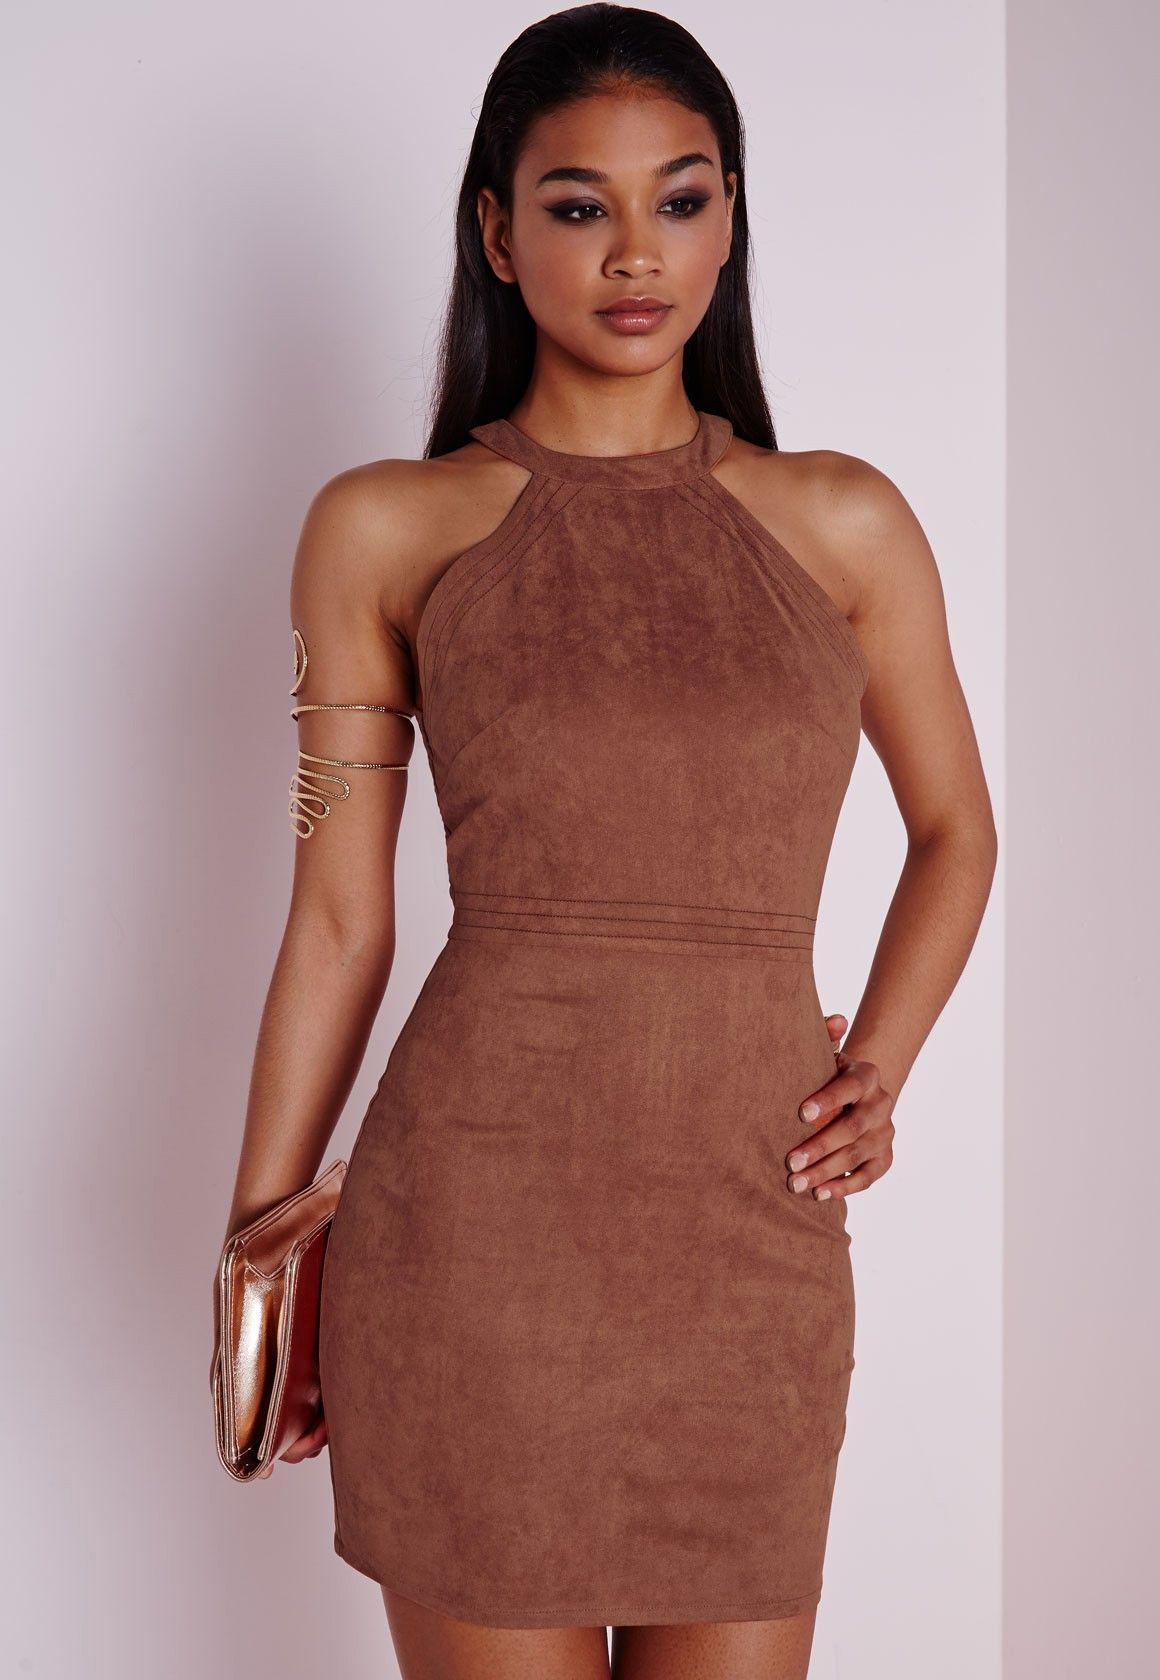 Faux Suede Topstitch Bodycon Dress Tan Dresses Bodycon Dresses Bodycon Dress Unique Prom Dresses Fashion [ 1680 x 1160 Pixel ]